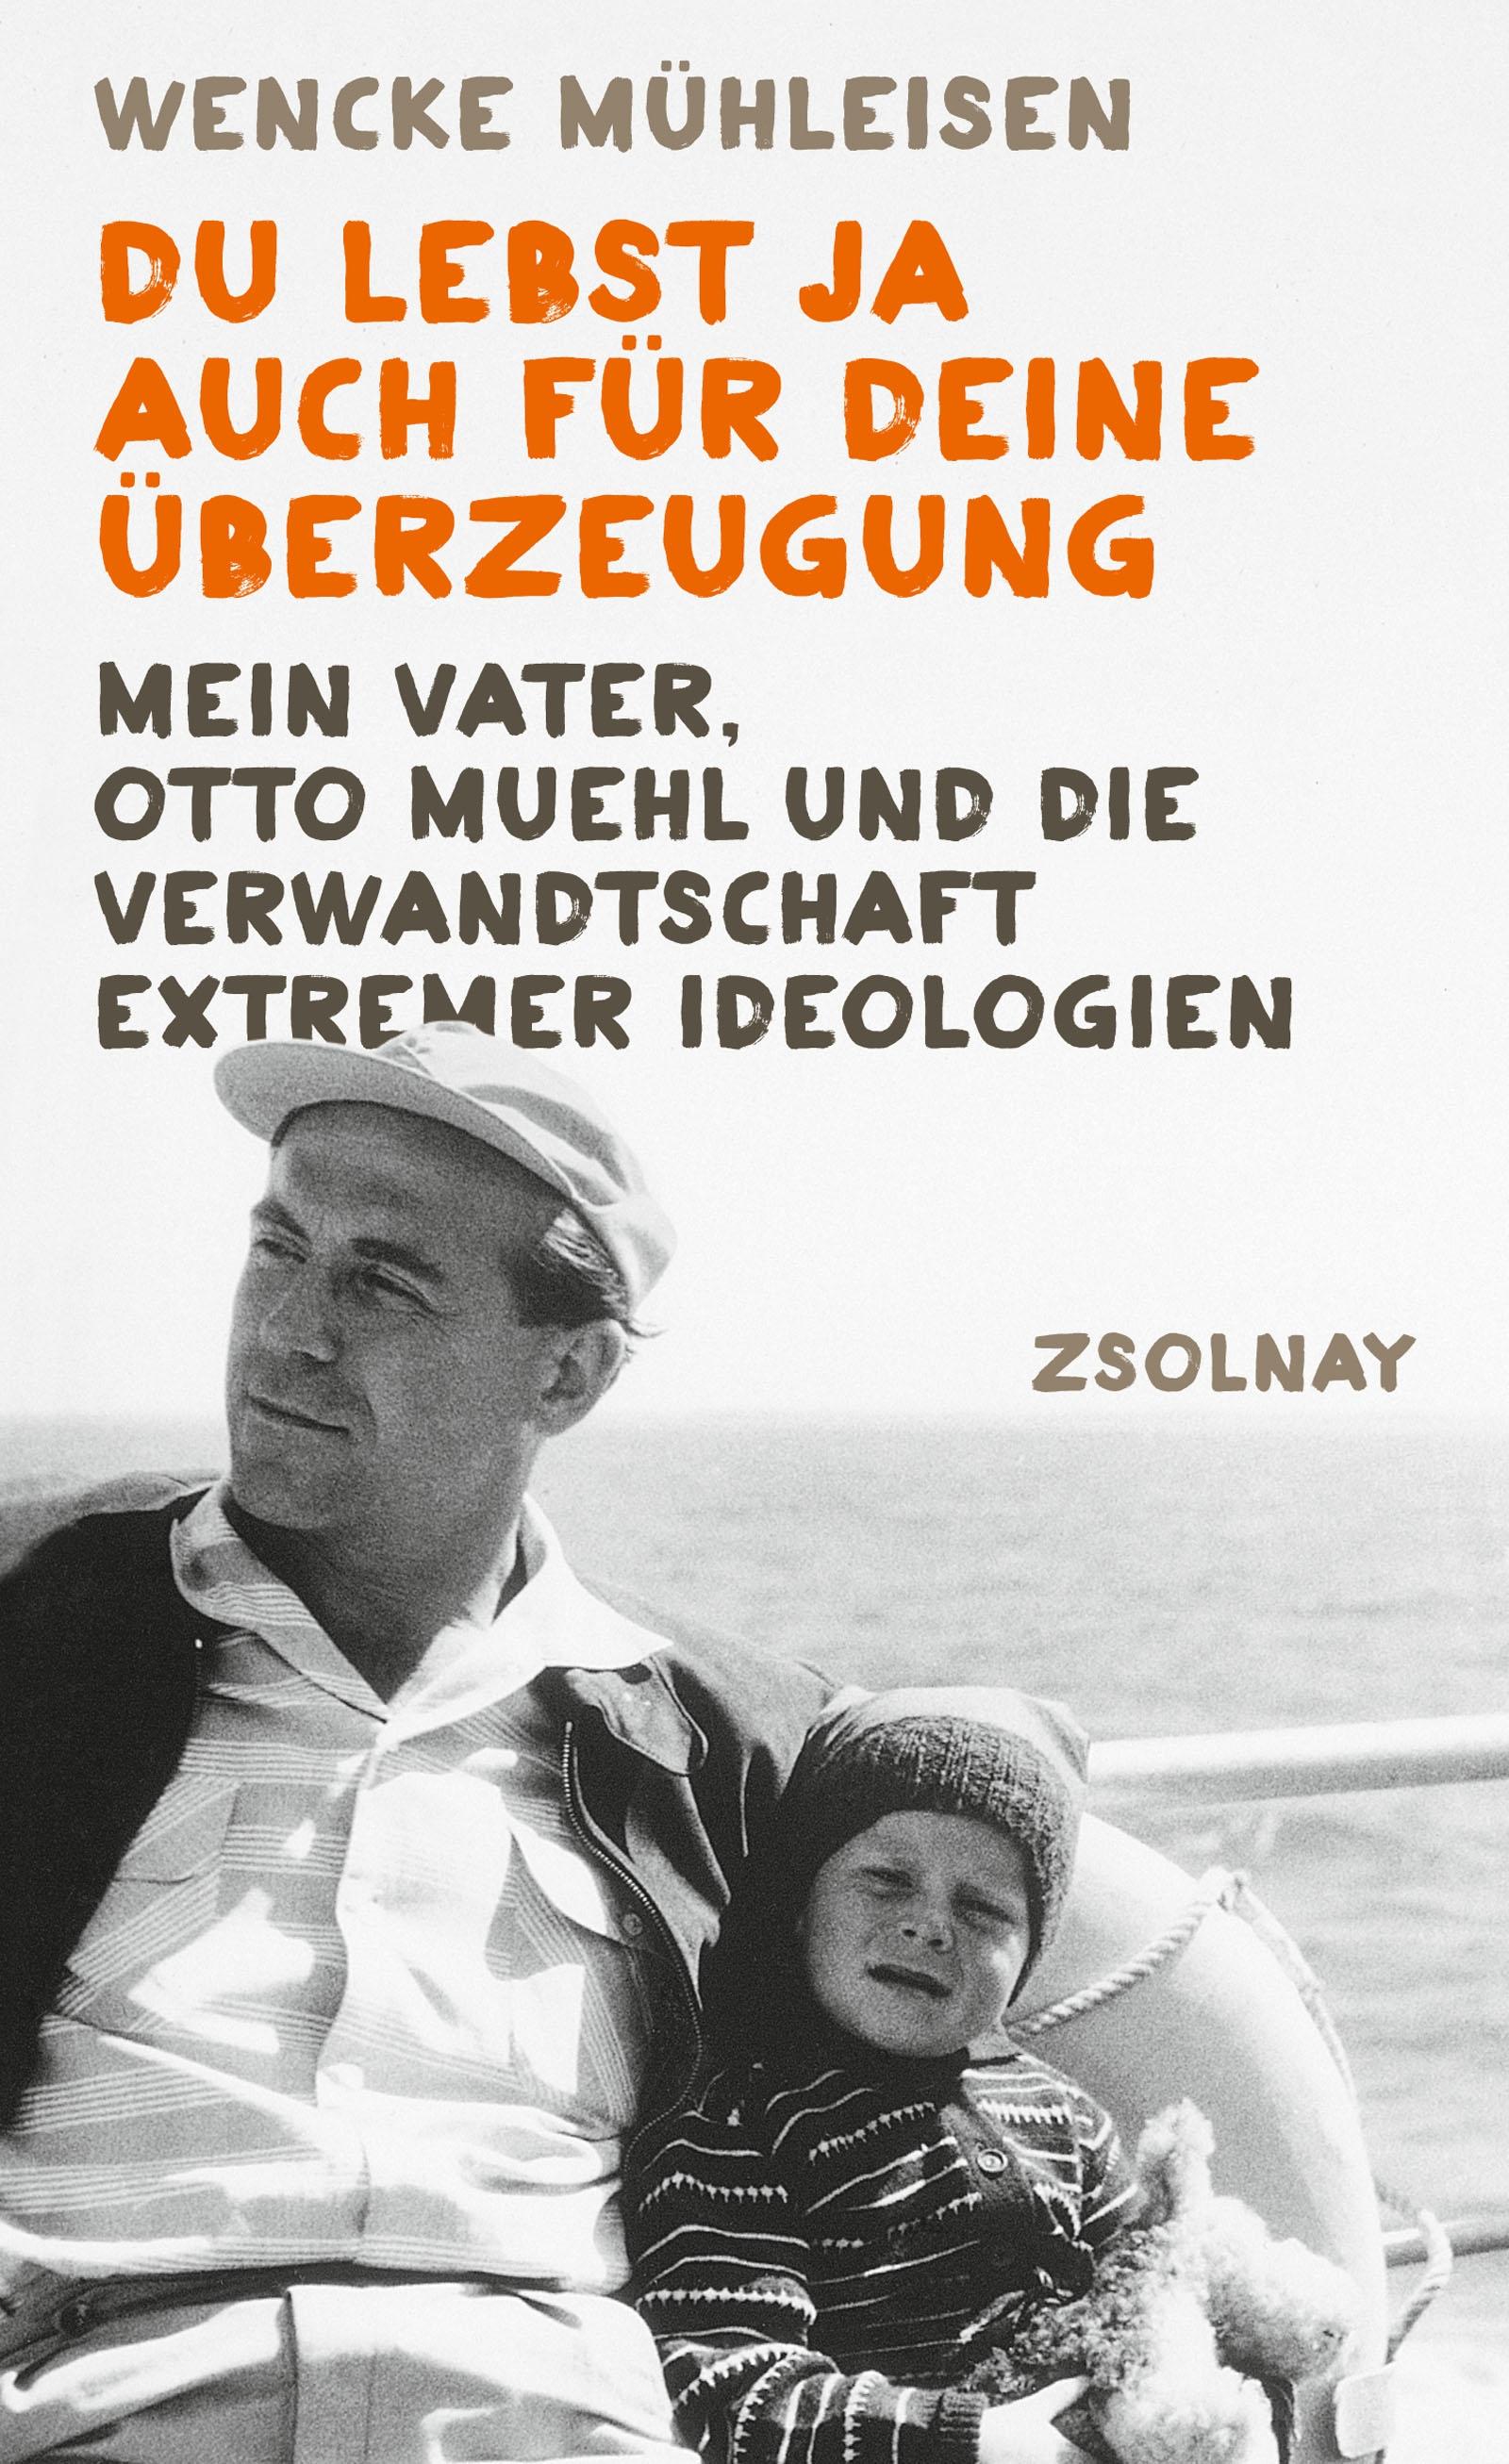 https://www.hanser-literaturverlage.de/buch/du-lebst-ja-auch-fuer-deine-ueberzeugung/978-3-552-05985-6/